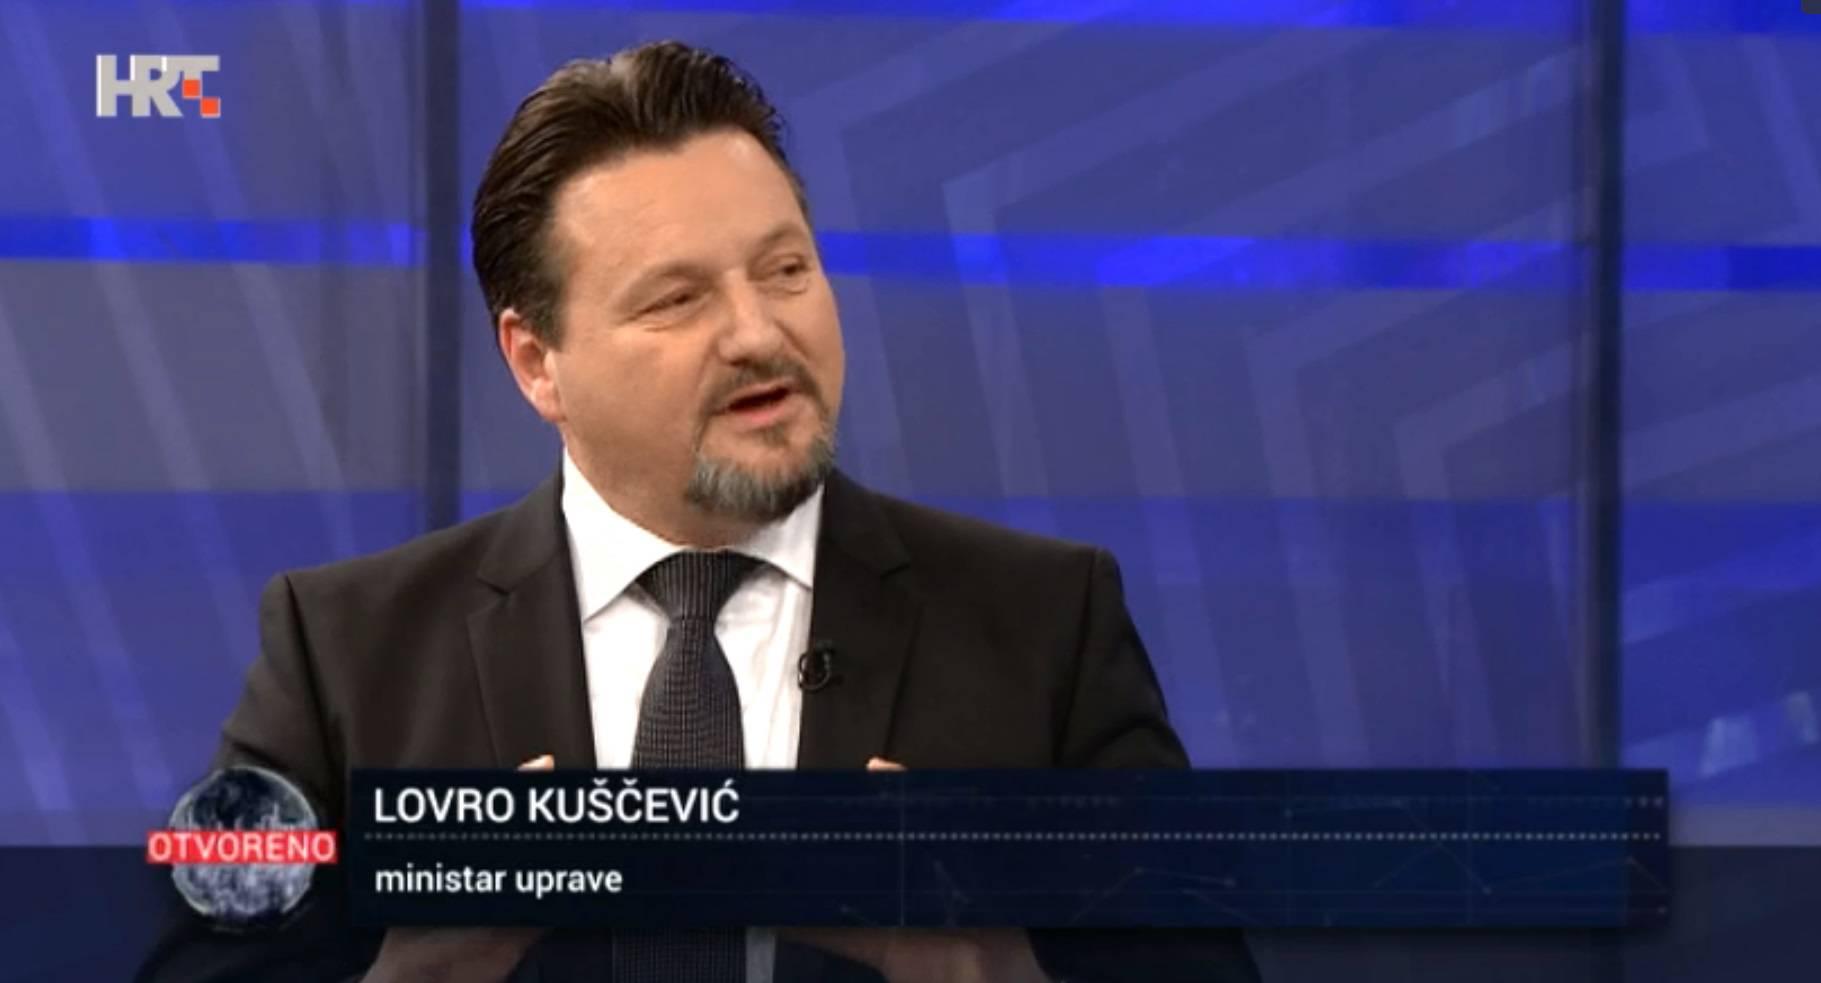 Lovro Kuščević: Nemojte ljude nazivati uhljebima, to je ružno